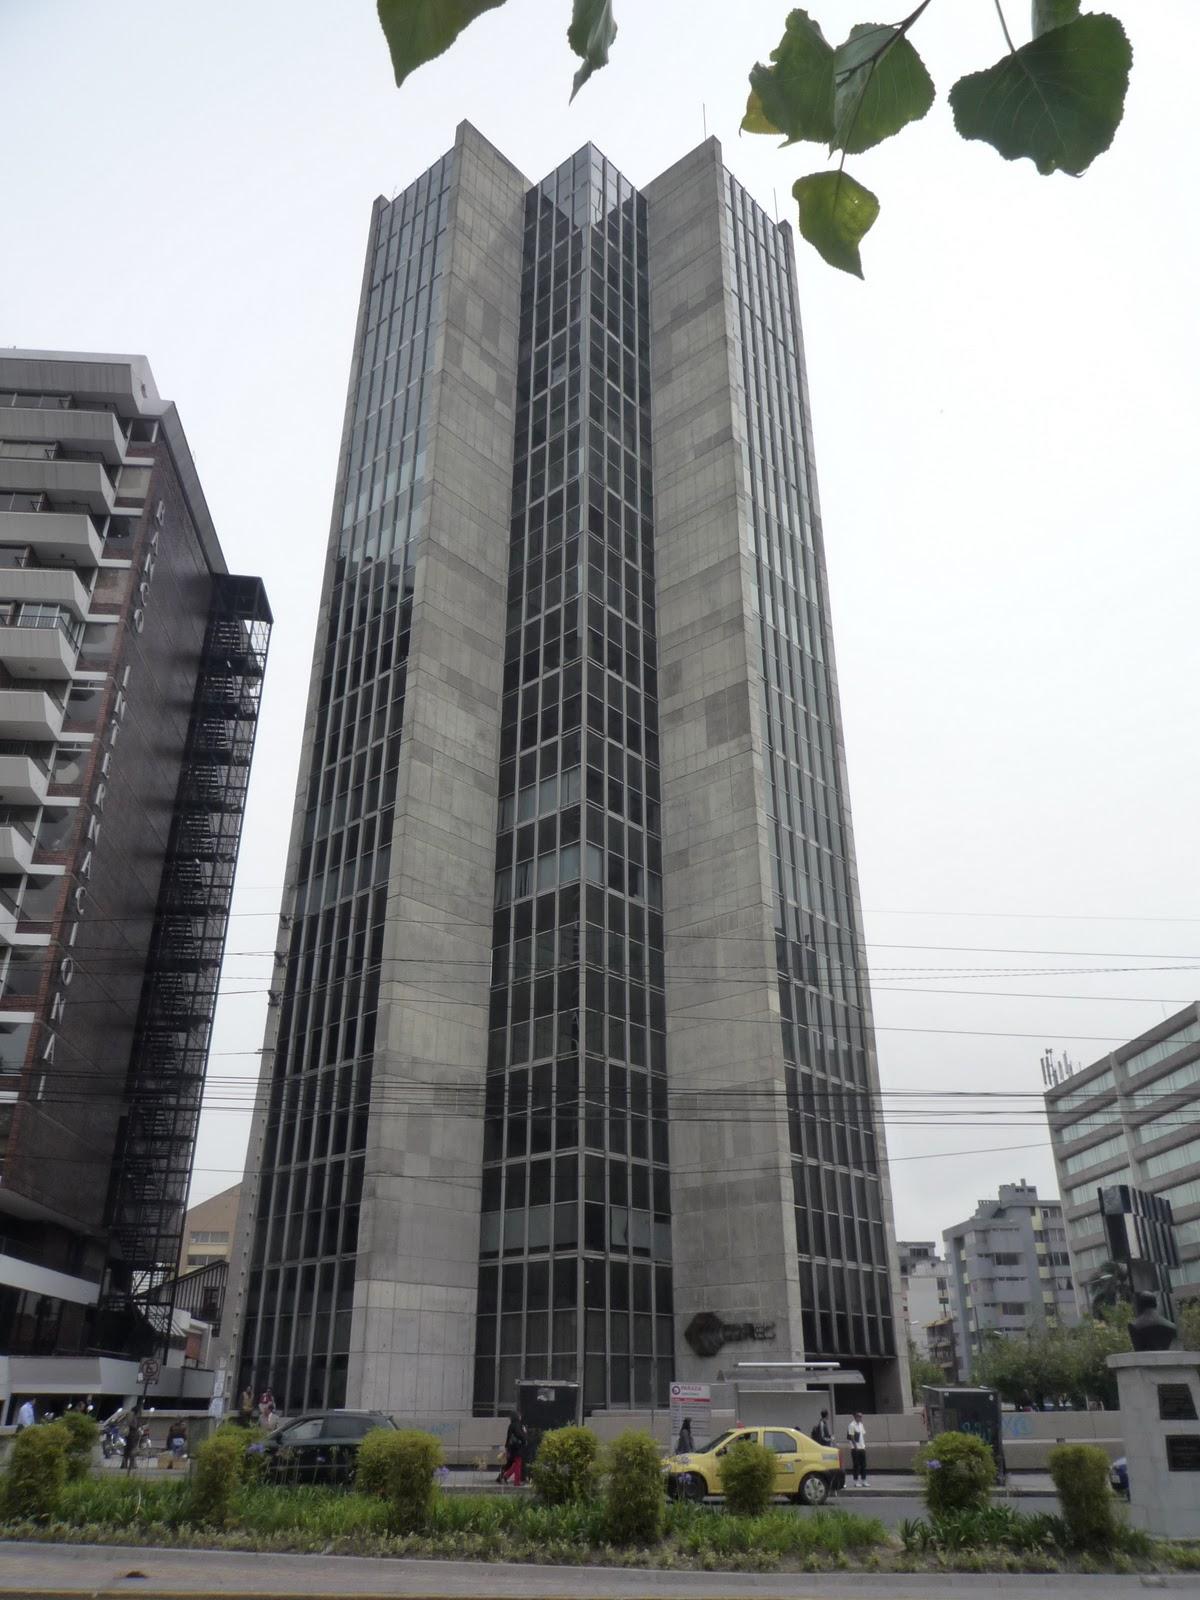 Arquitectura moderna en ecuador mayo 2012 for Arquitectura moderna planos